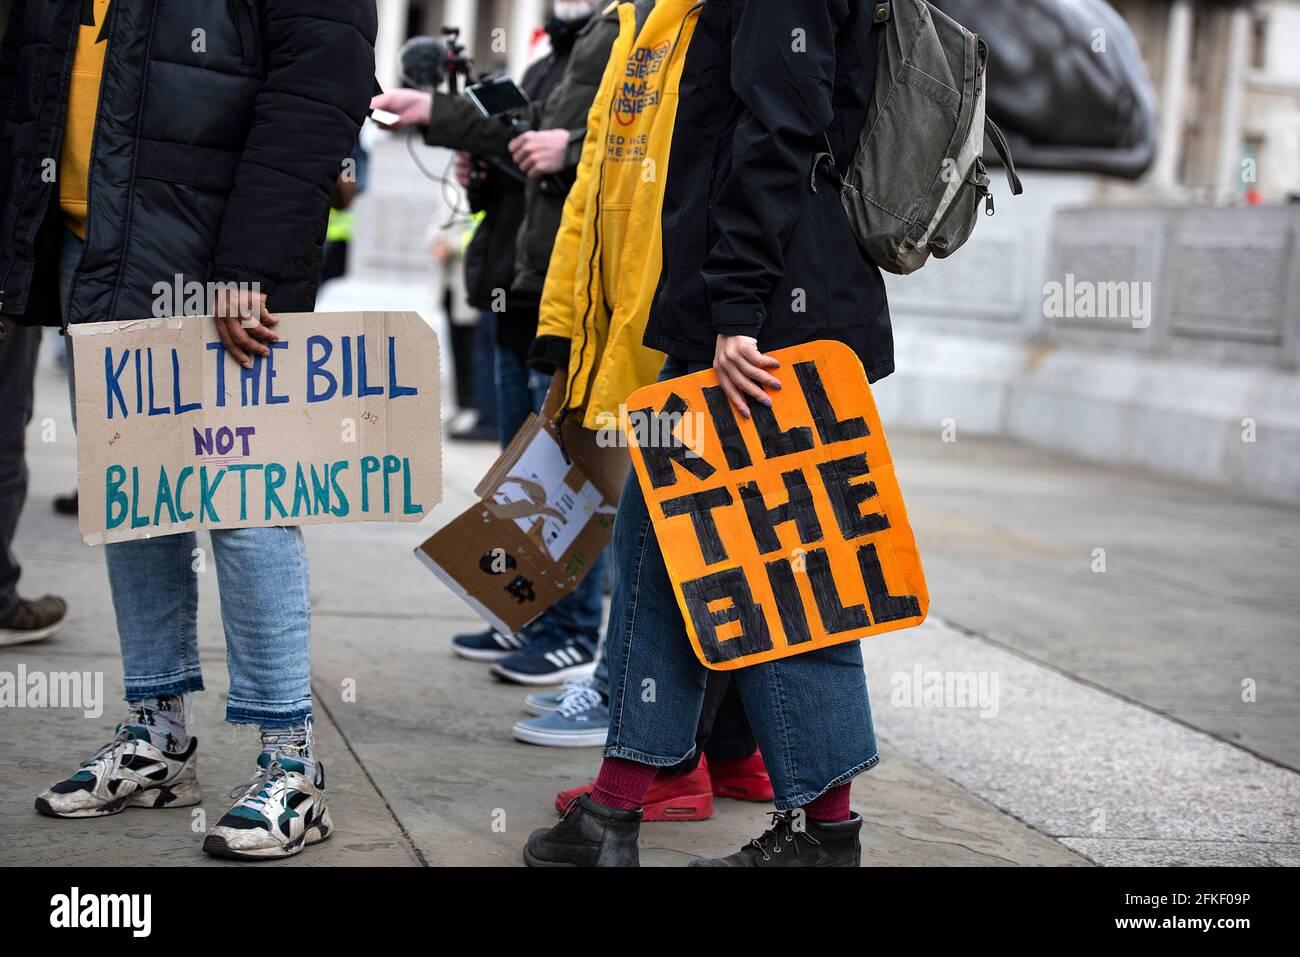 Londres, Royaume-Uni -1er mai 2021: 'Kill the Bill' protestation contre la police, le crime, la peine et les tribunaux projet de loi 2021 crédit: Loredana Sangiuliano / Alay Live News Banque D'Images